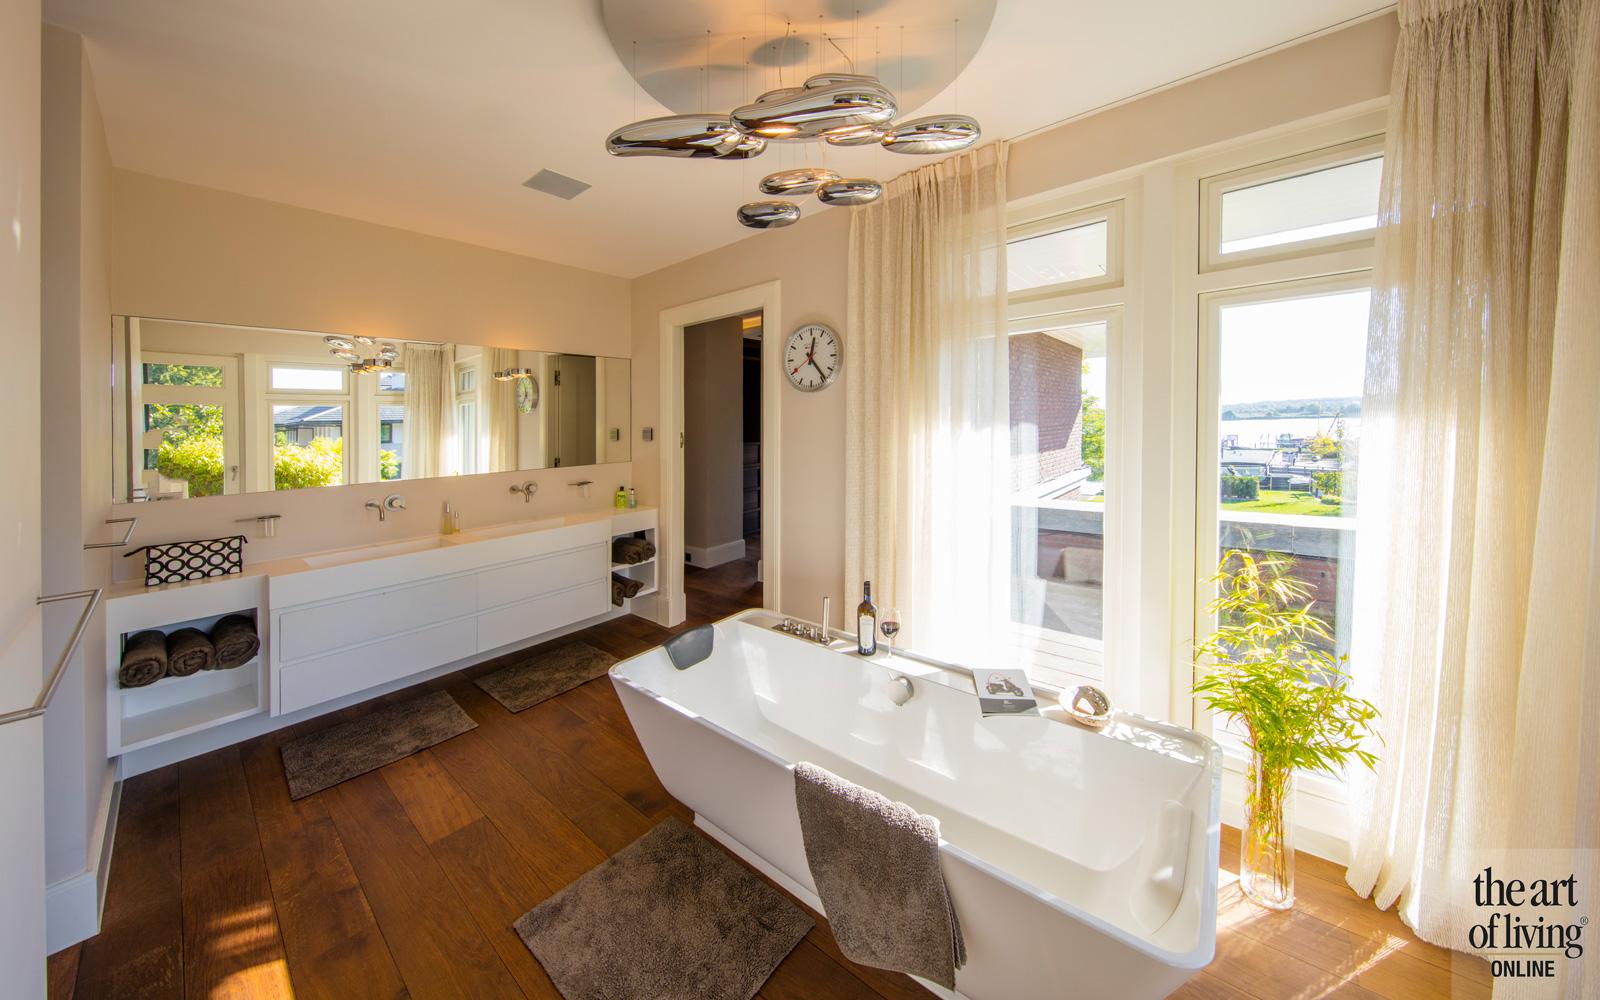 Badkamer met vrijstaand bad